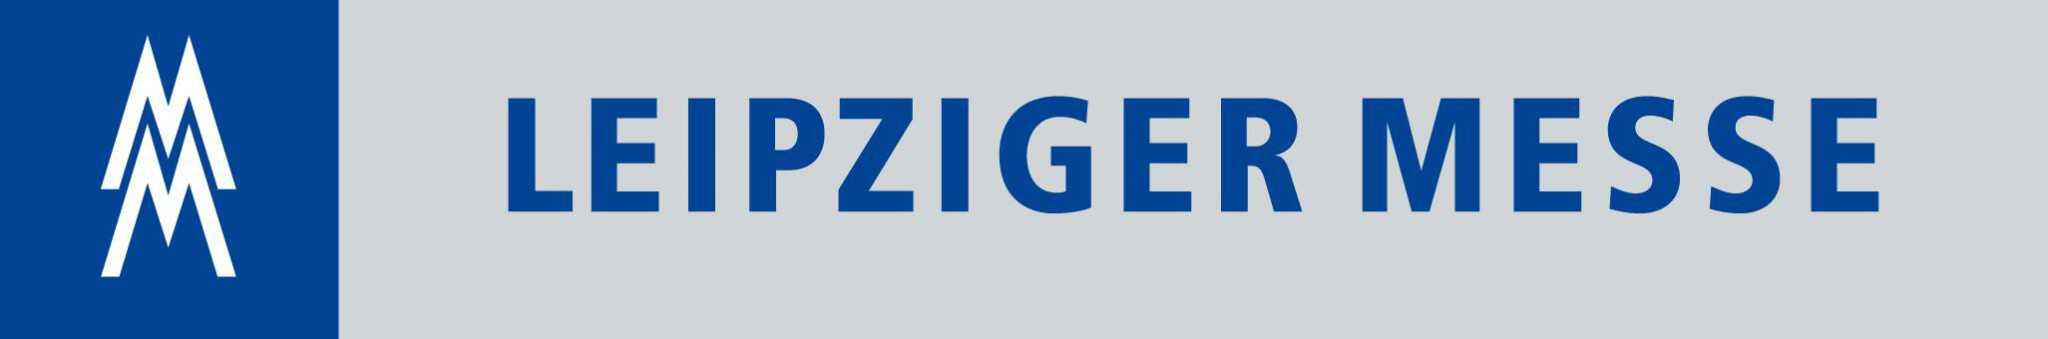 Besuchen Sie uns auf der Therapie Leipzig 2017 3